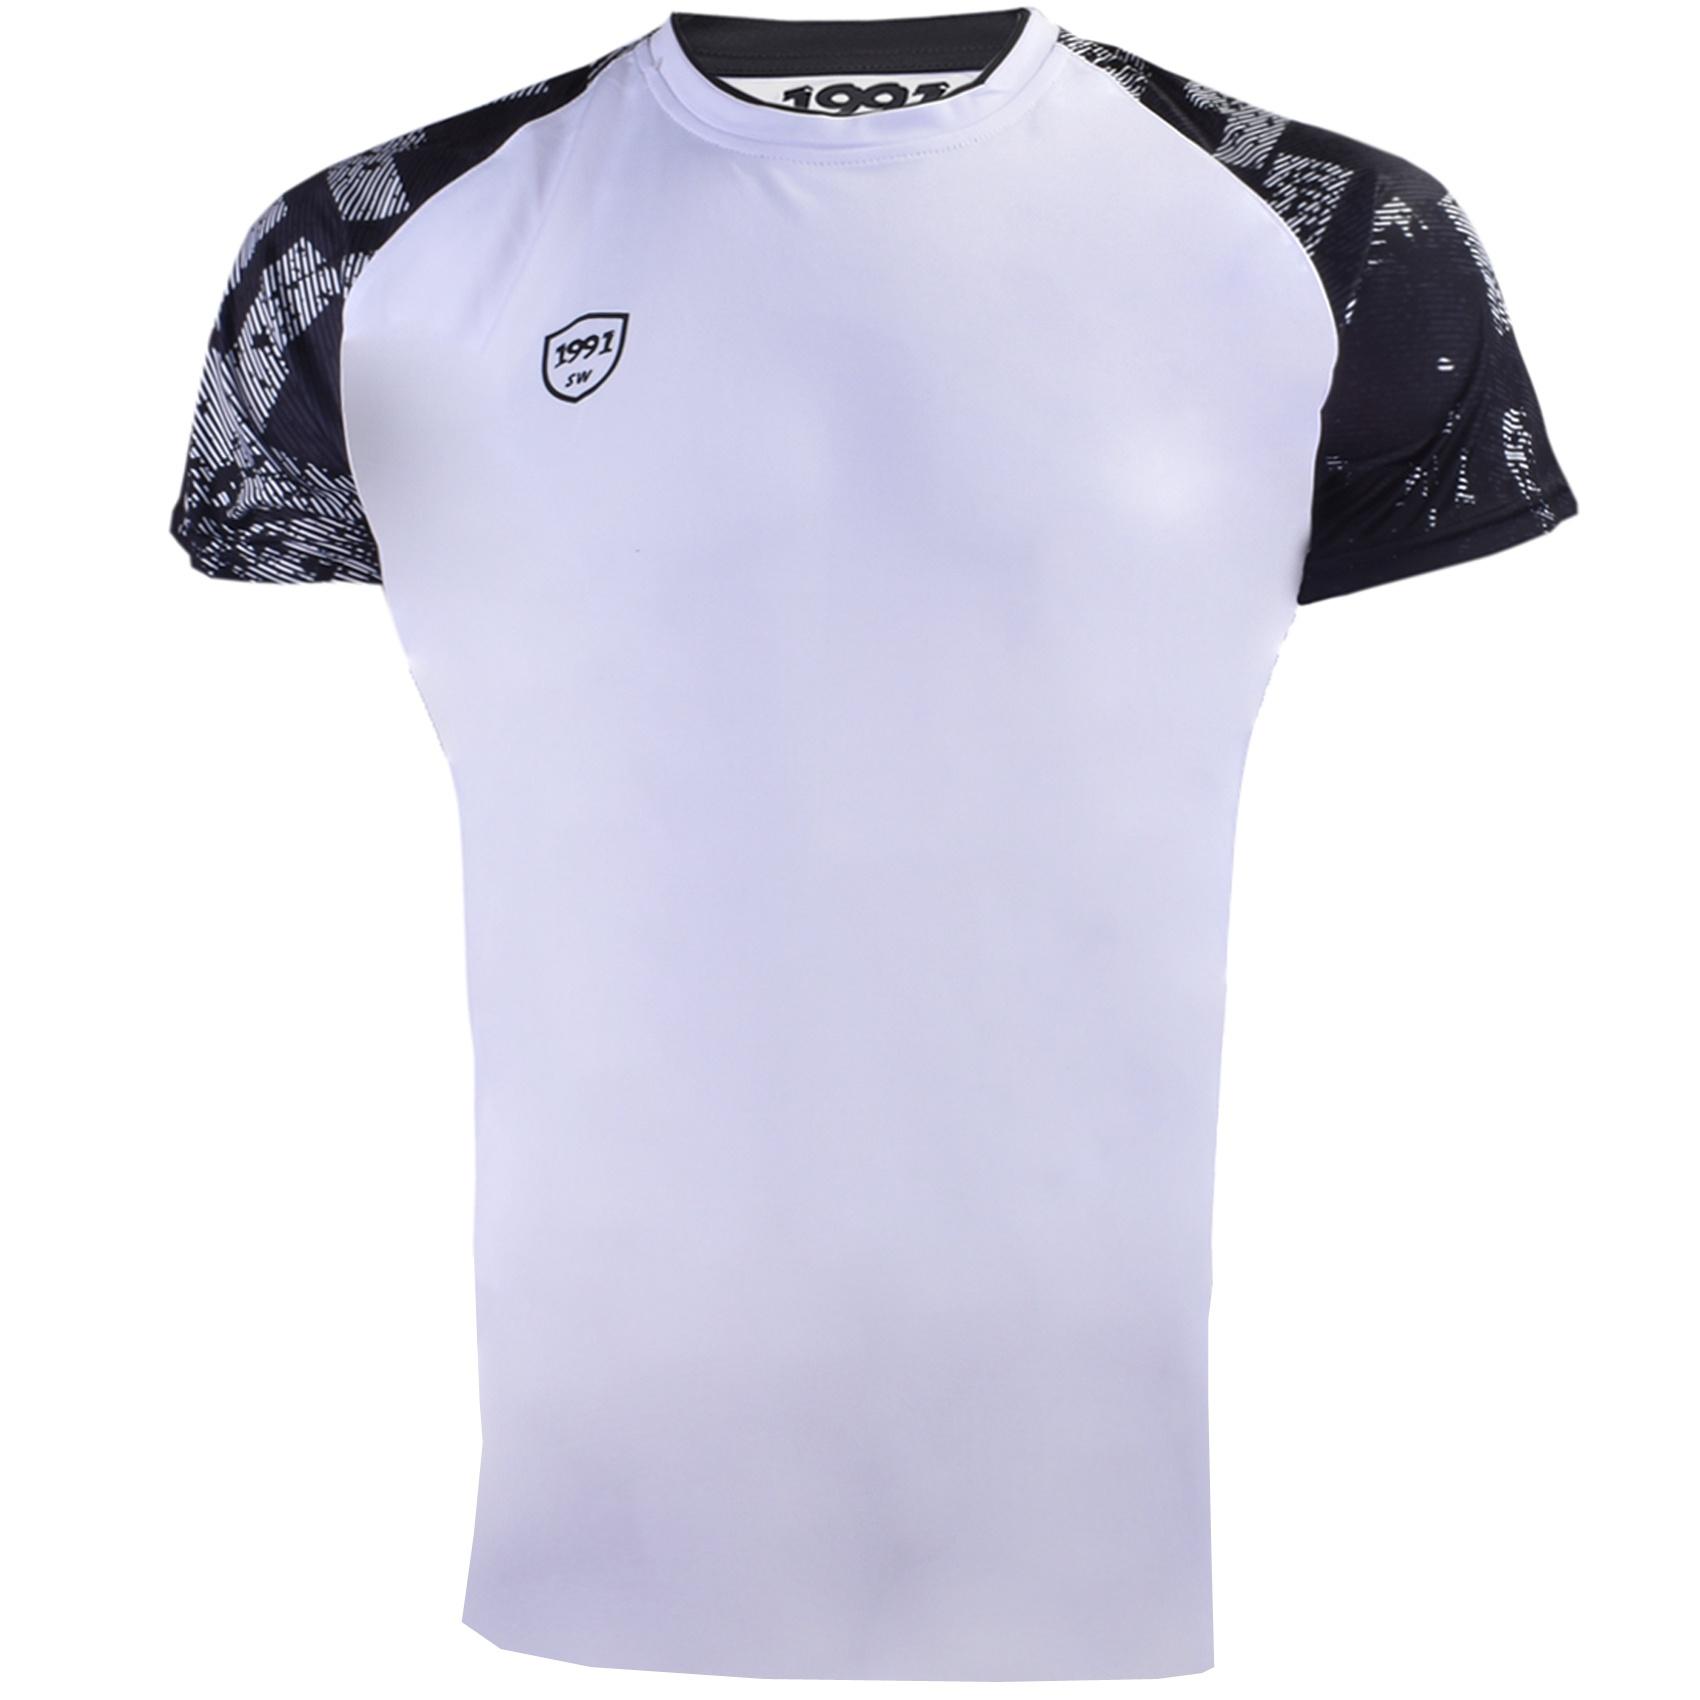 تصویر تی شرت ورزشی مردانه 1991 اس دبلیو مدل TS1931 WB